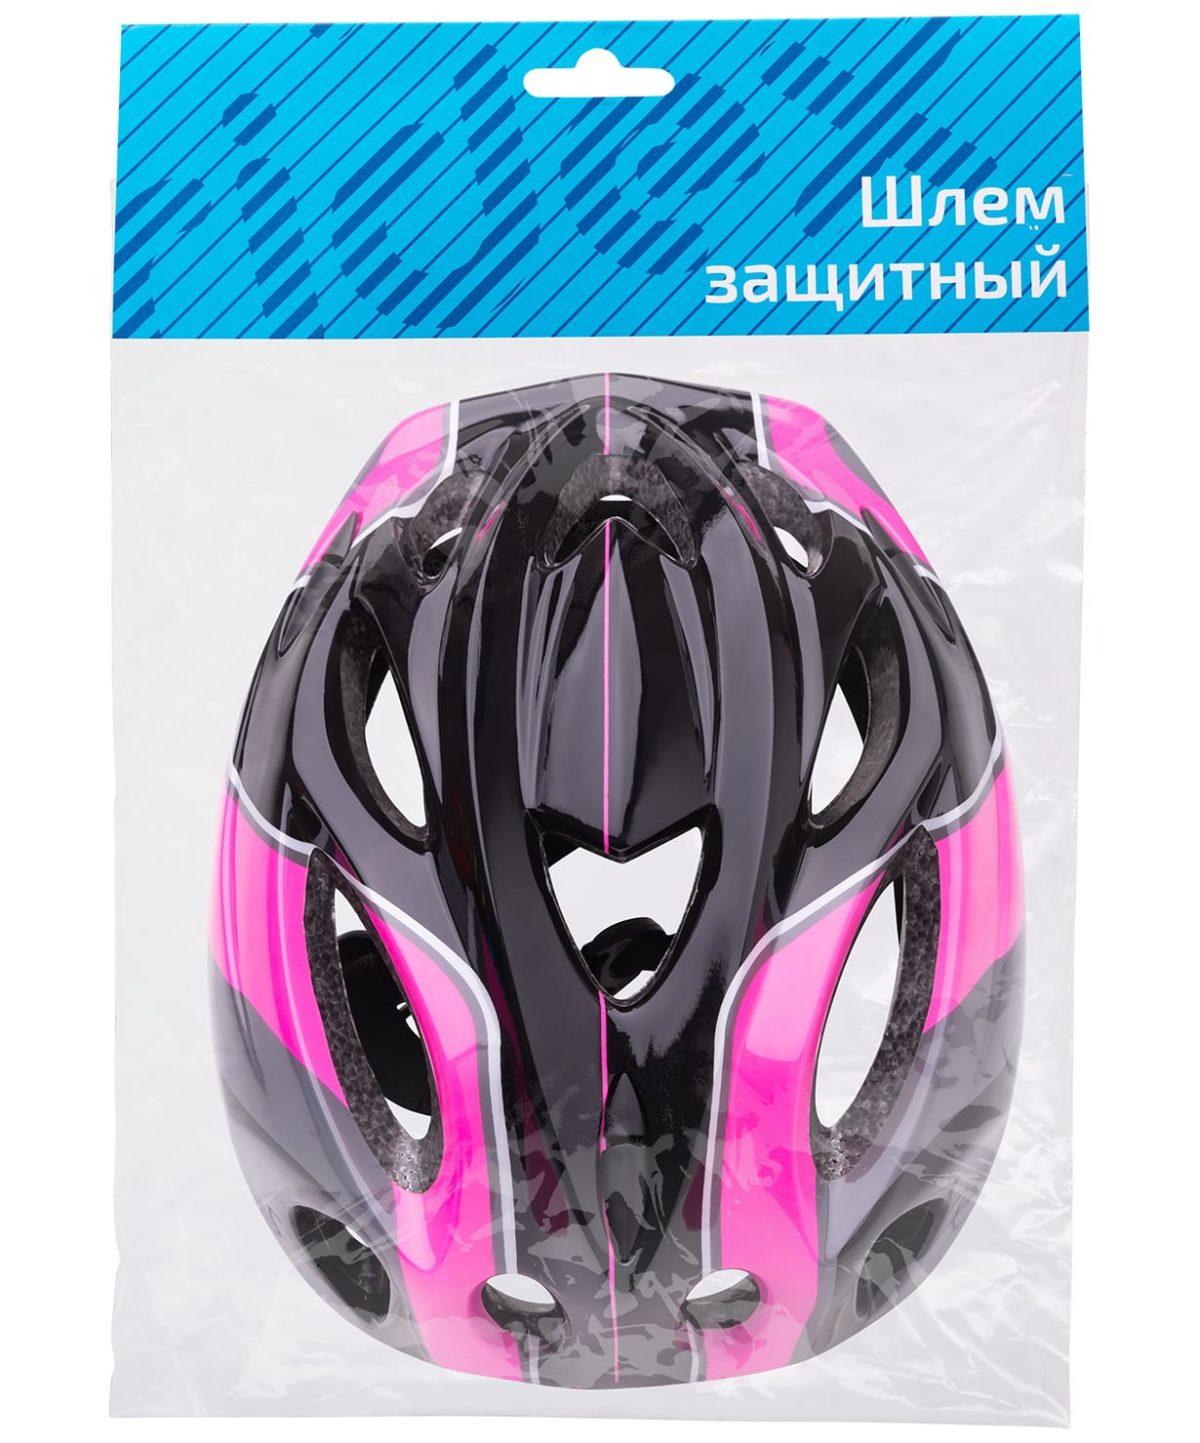 RIDEX Шлем защитный Enyy: розовый - 3